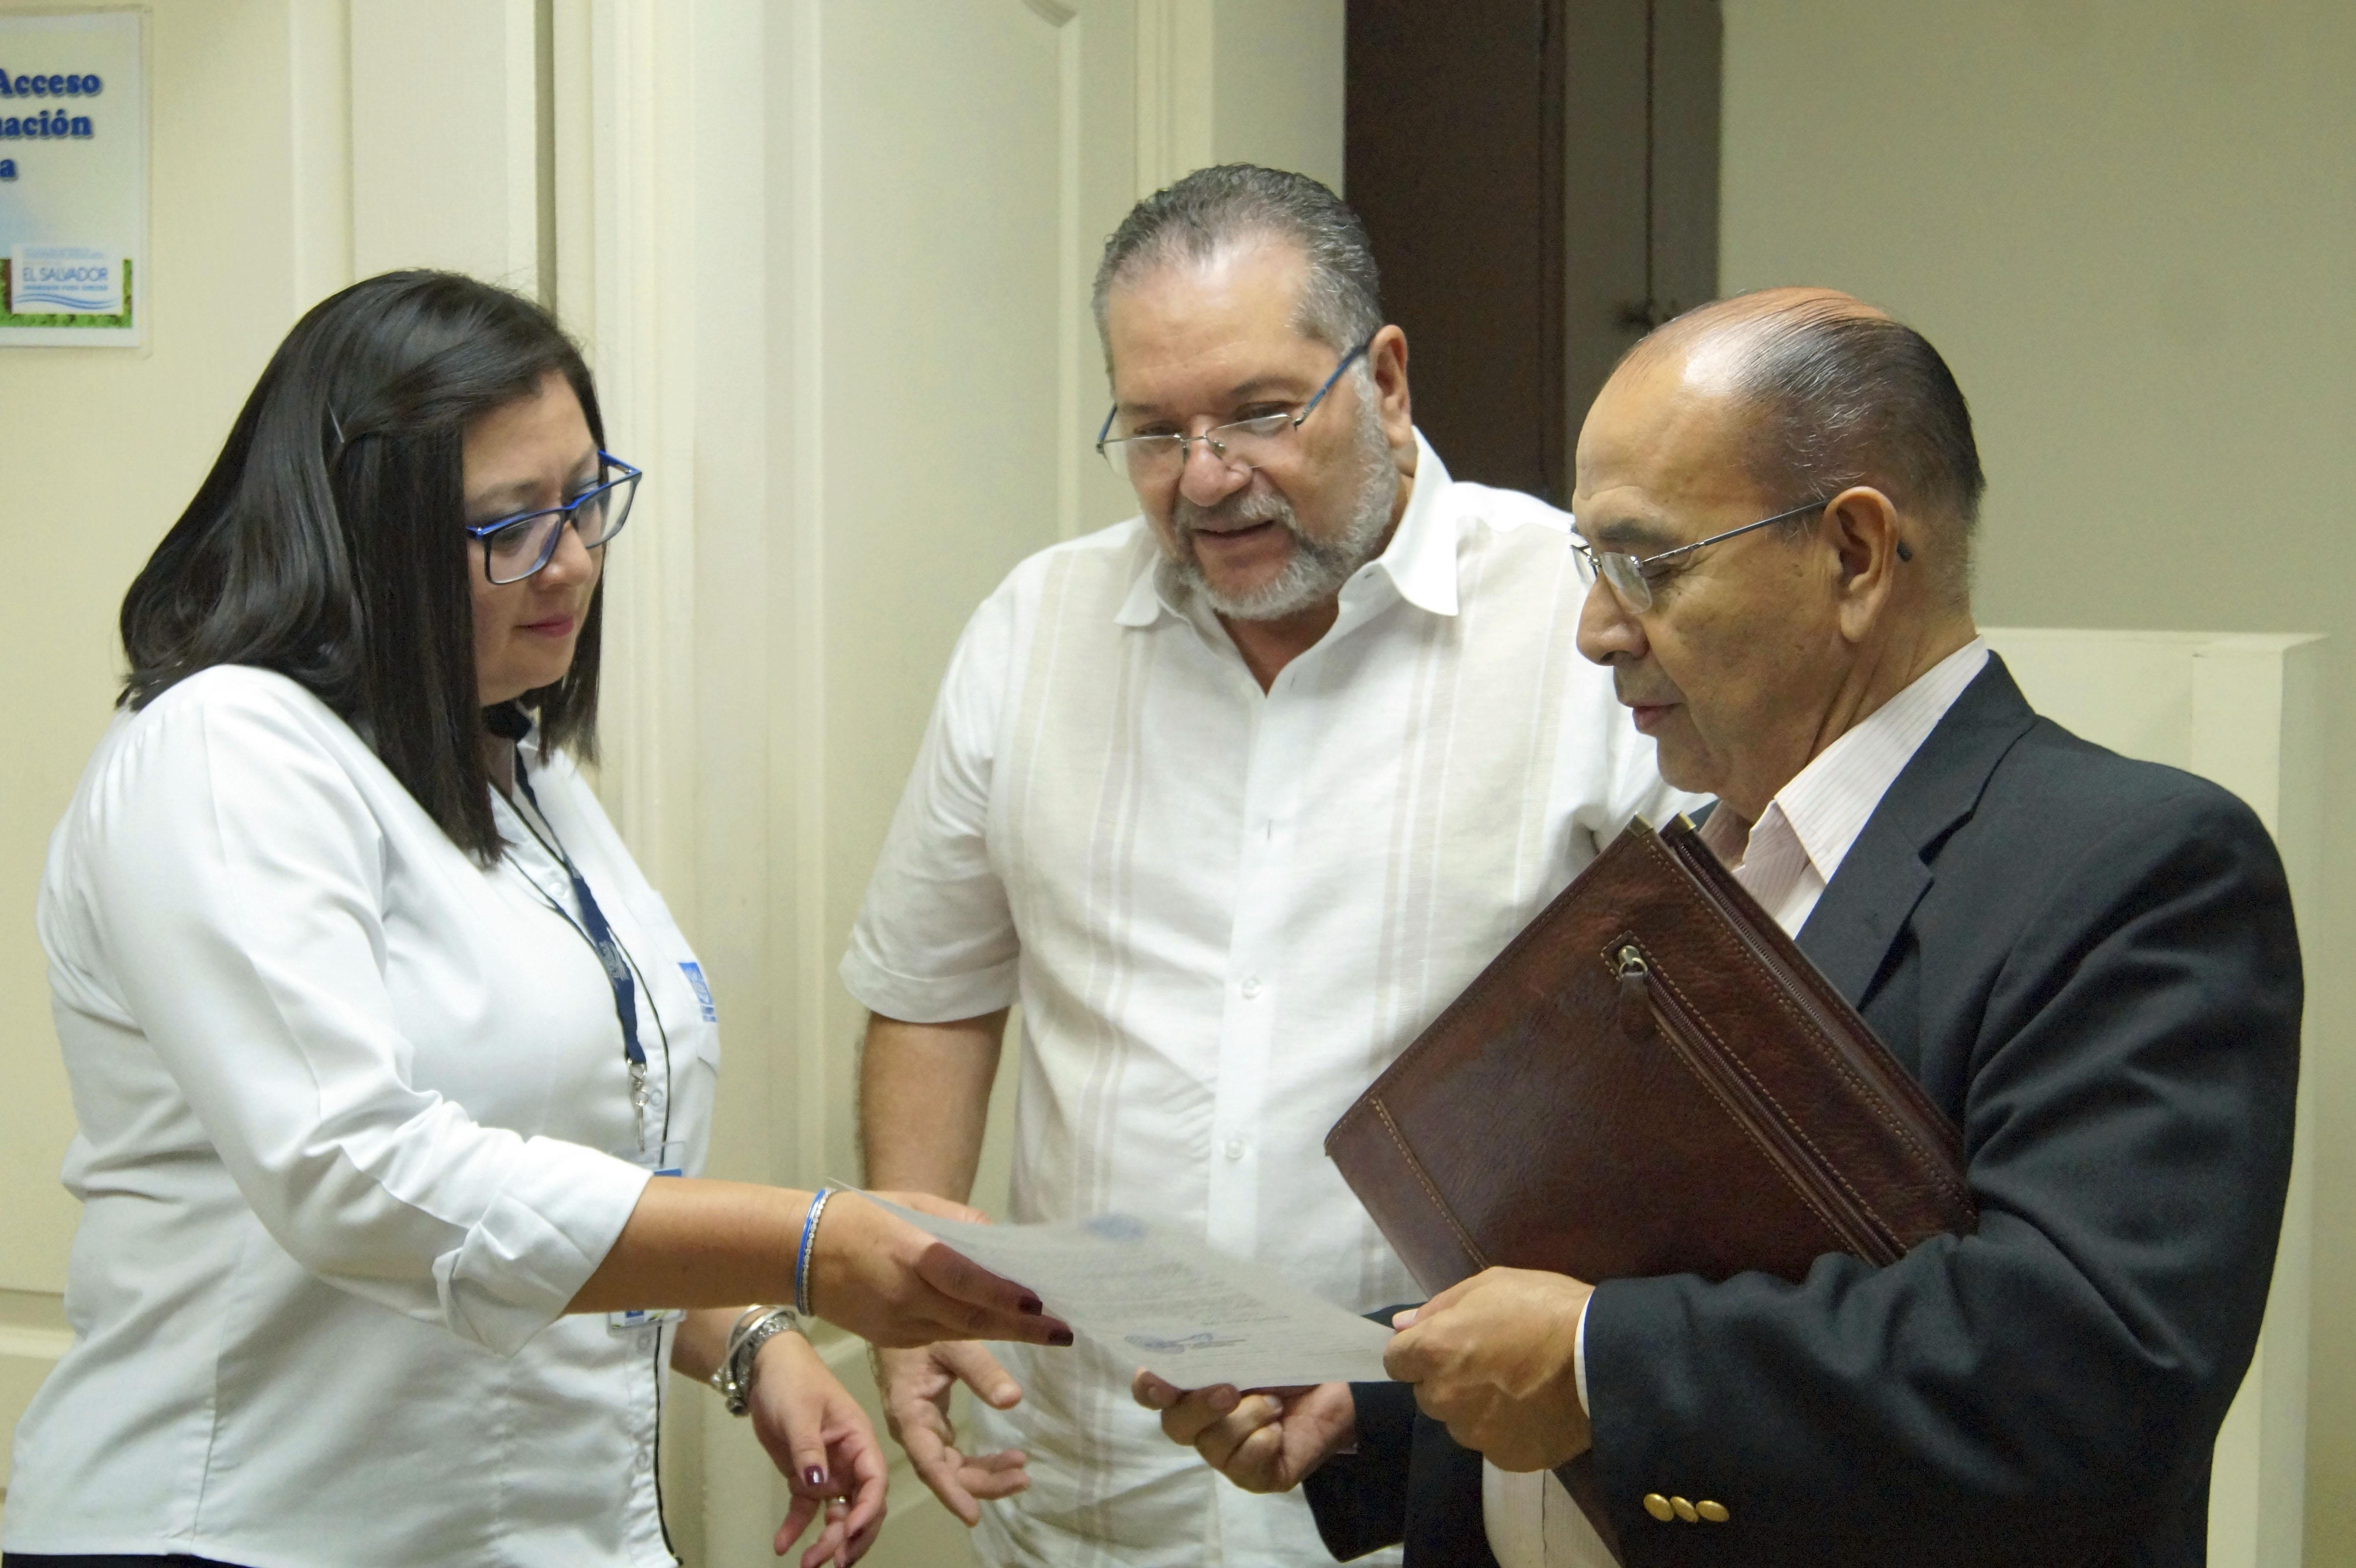 Presidente atiende a Luis Lemus y solventa su petición de inmediato